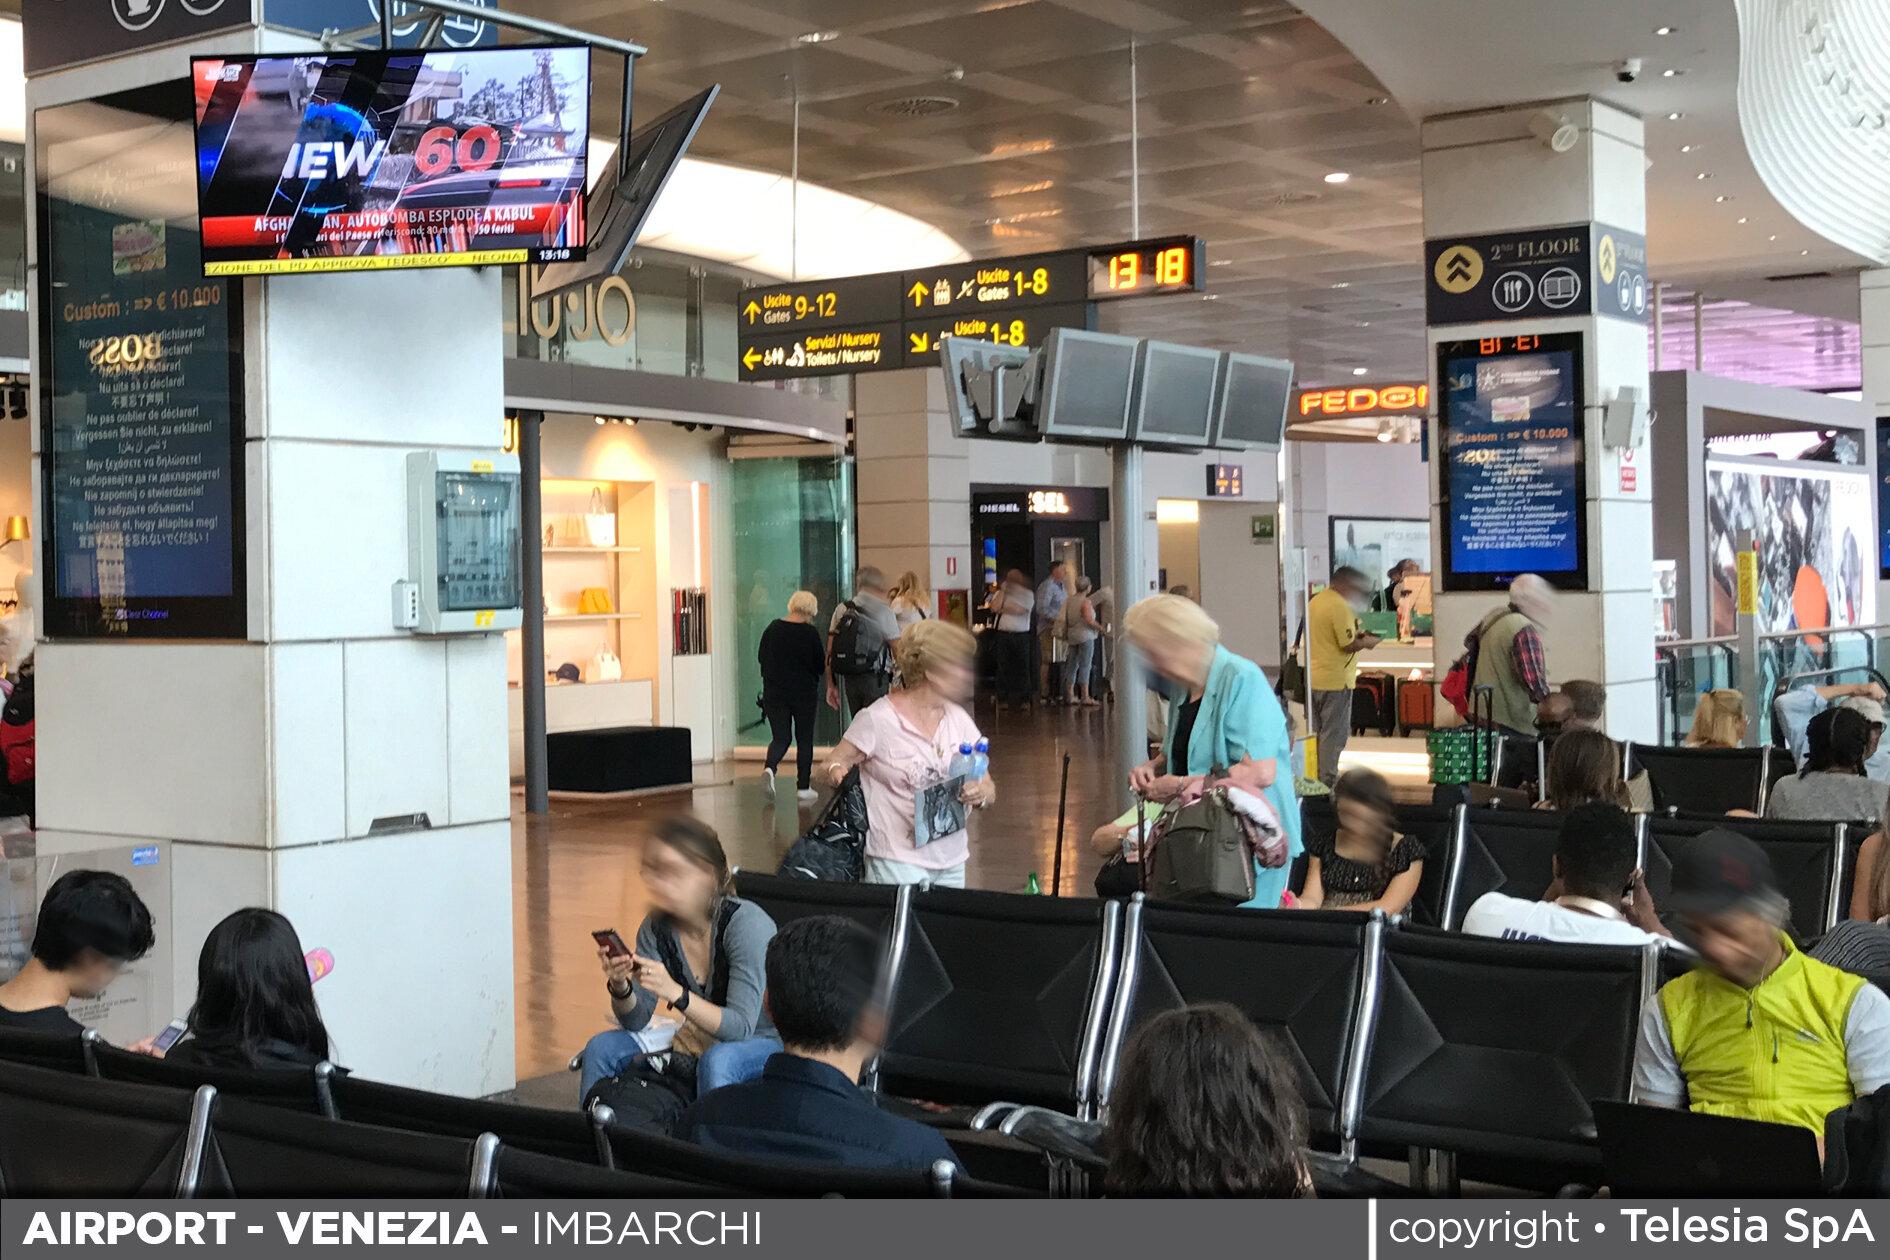 T_airportVenezia1.jpg